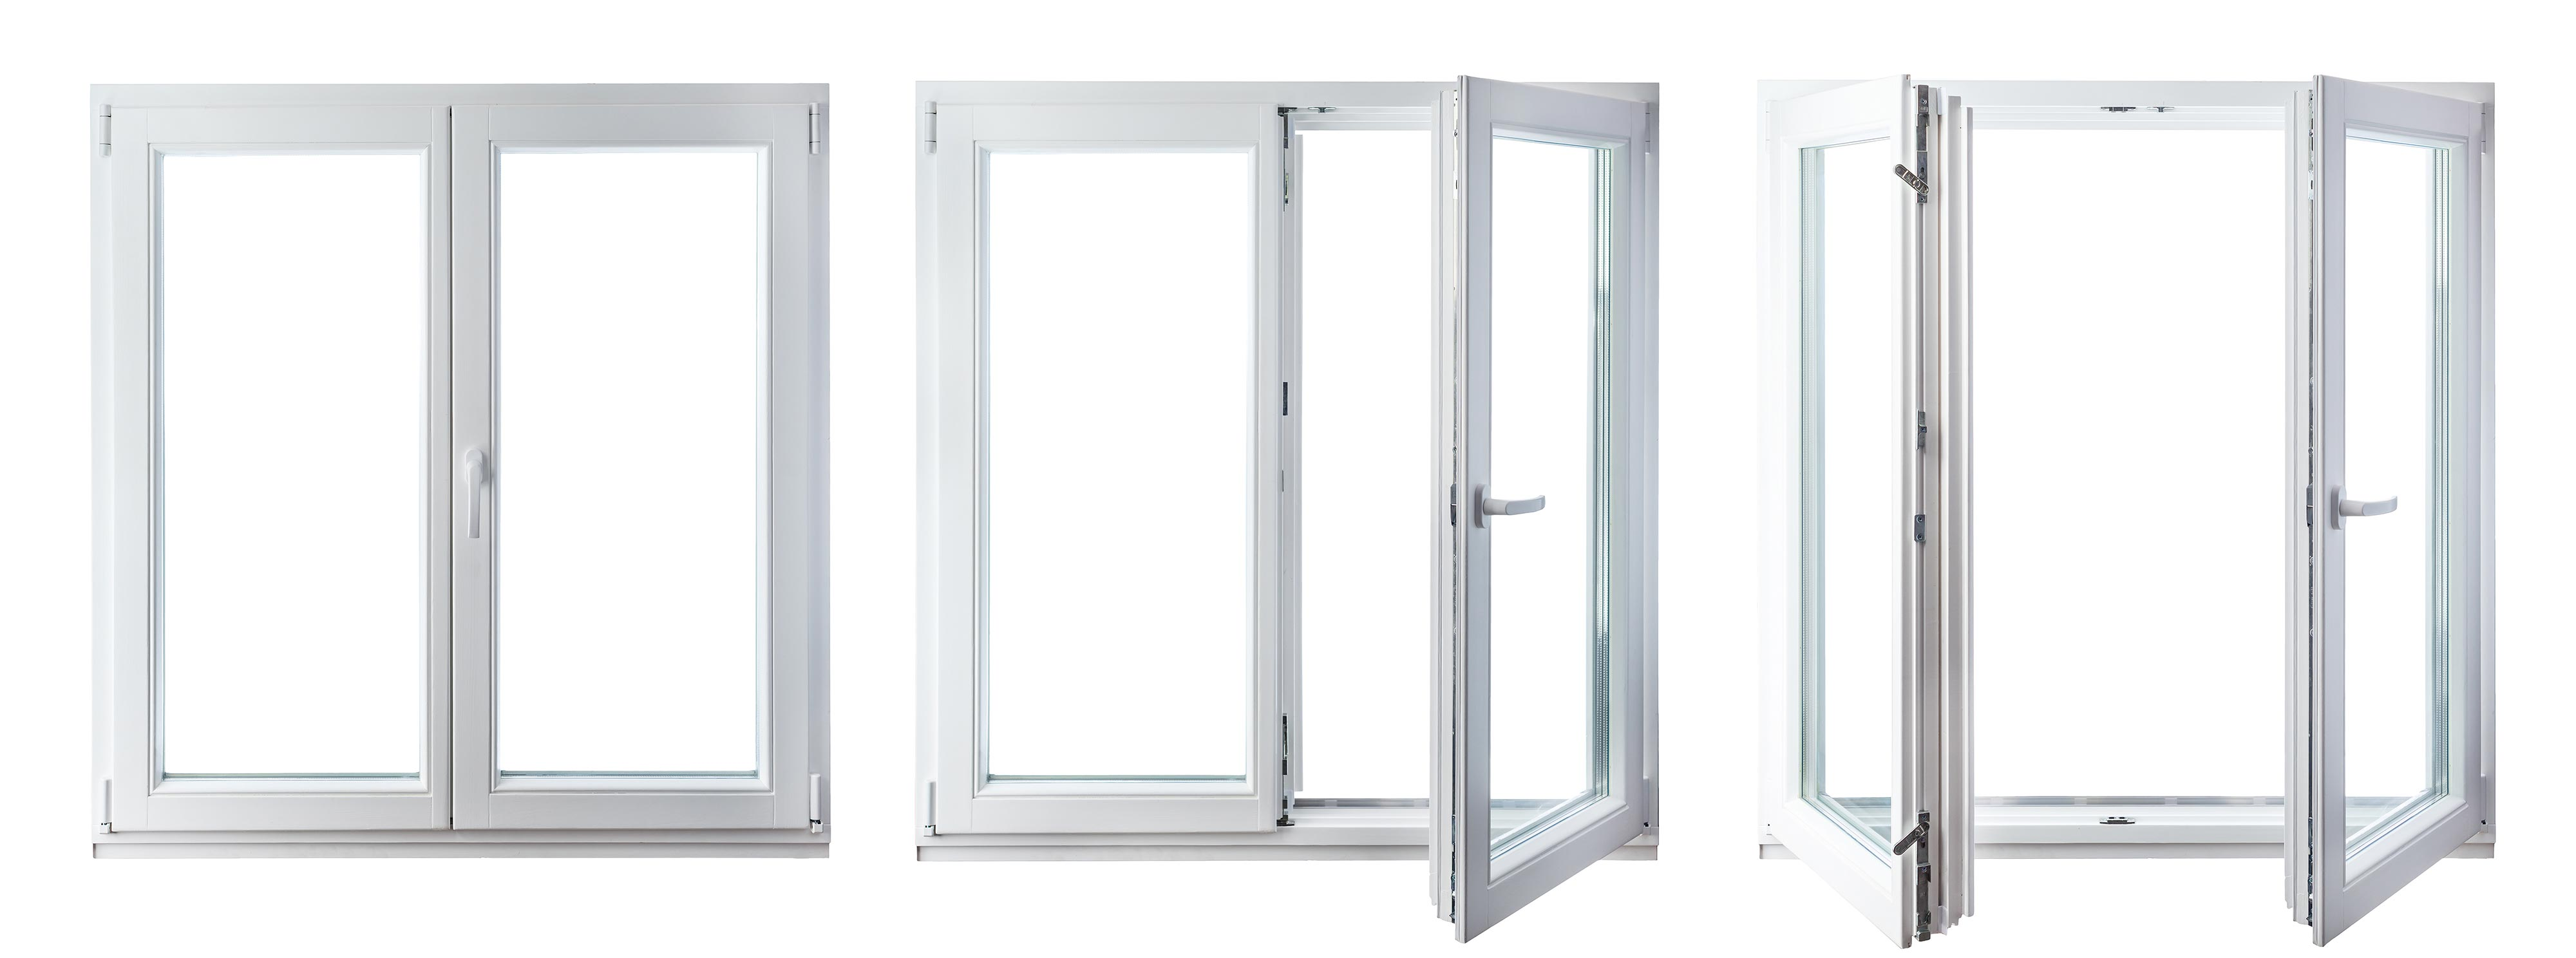 Ein doppelflügeliges Dreh-Kipp-Fenster mit Stulp vereint ansprechendes Design mit Lüftungsmöglichkeiten und einer freien Aussicht bei geöffnetem Fenster.